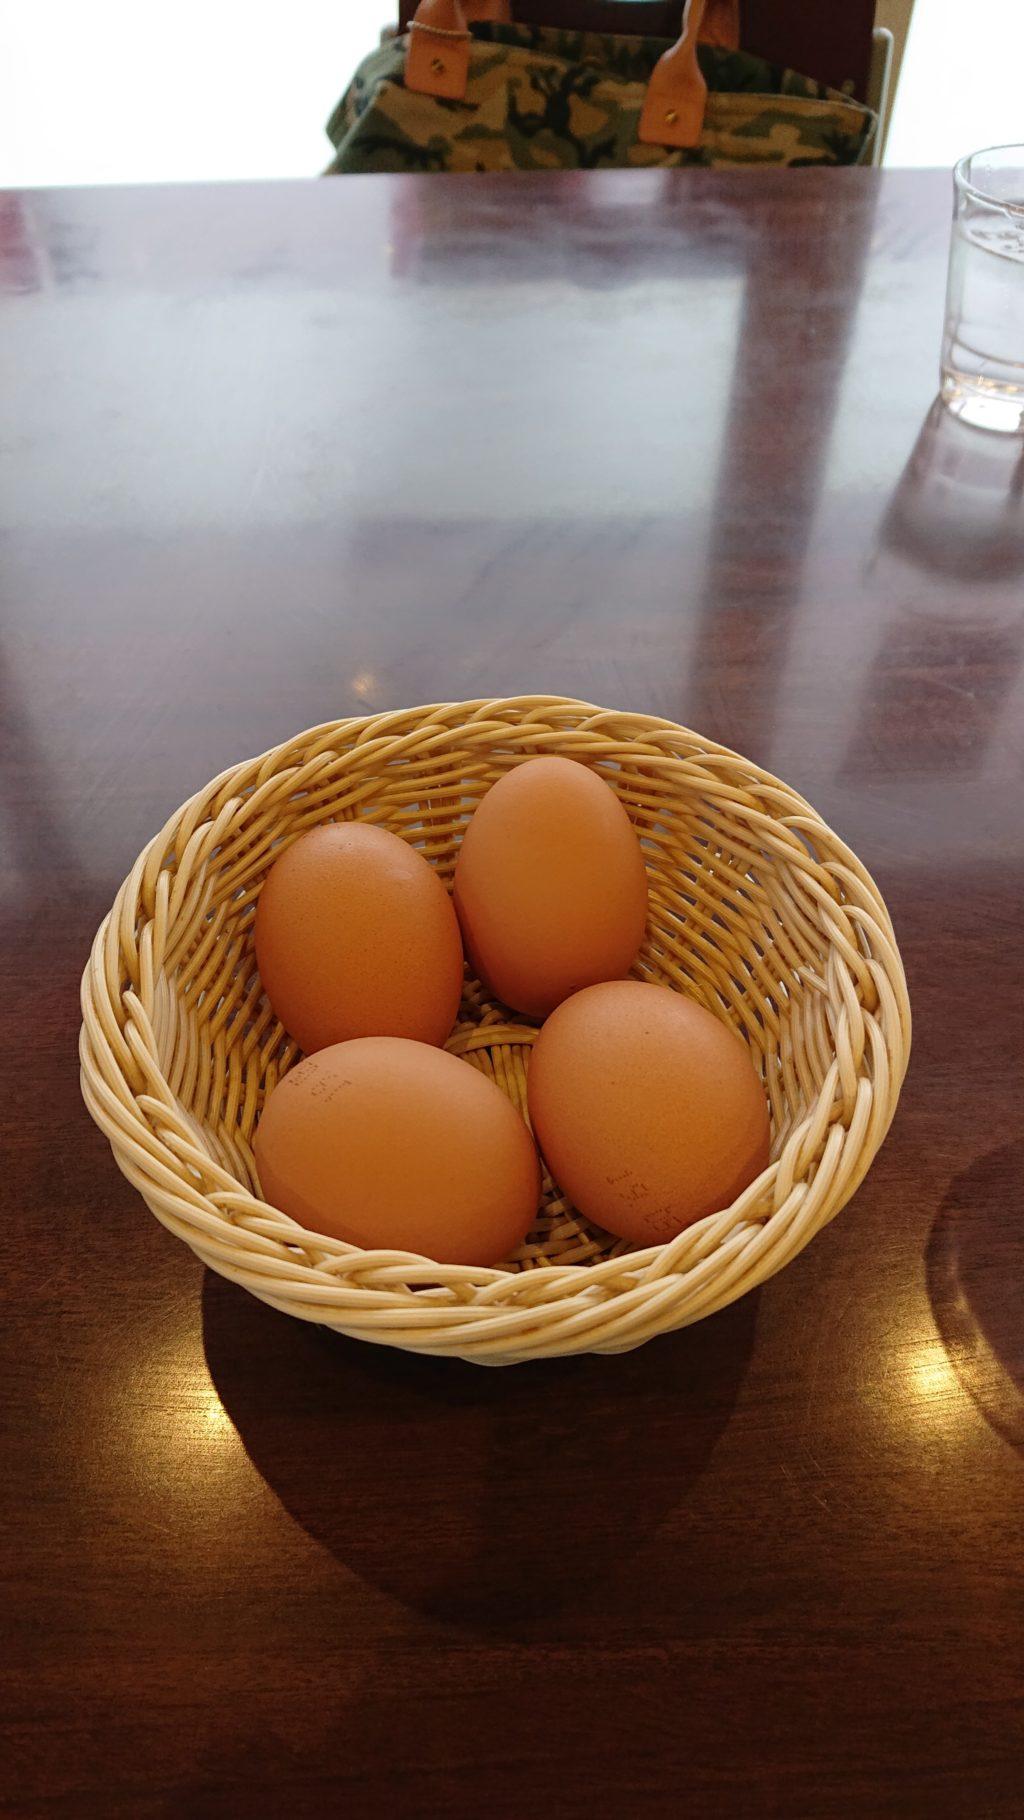 ラーメン東大 住吉店 サービスの生卵